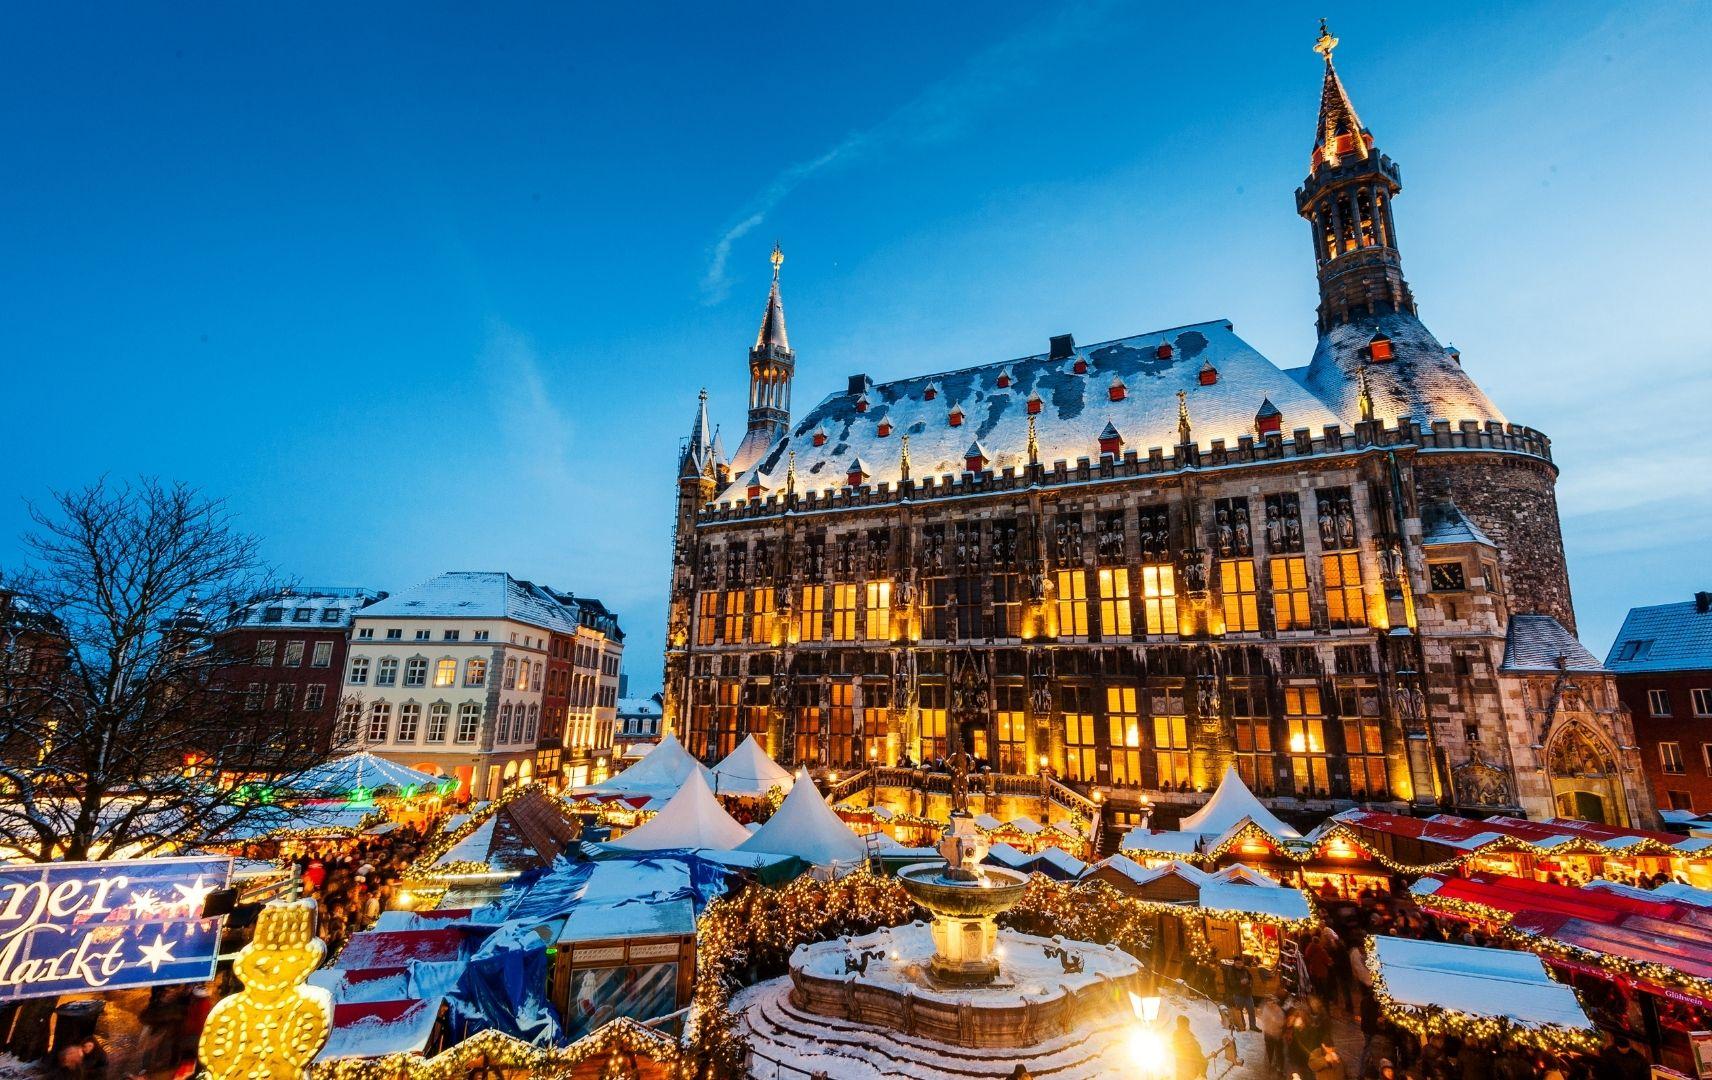 Weihnachten - Weihnachtsmarkt Aachen